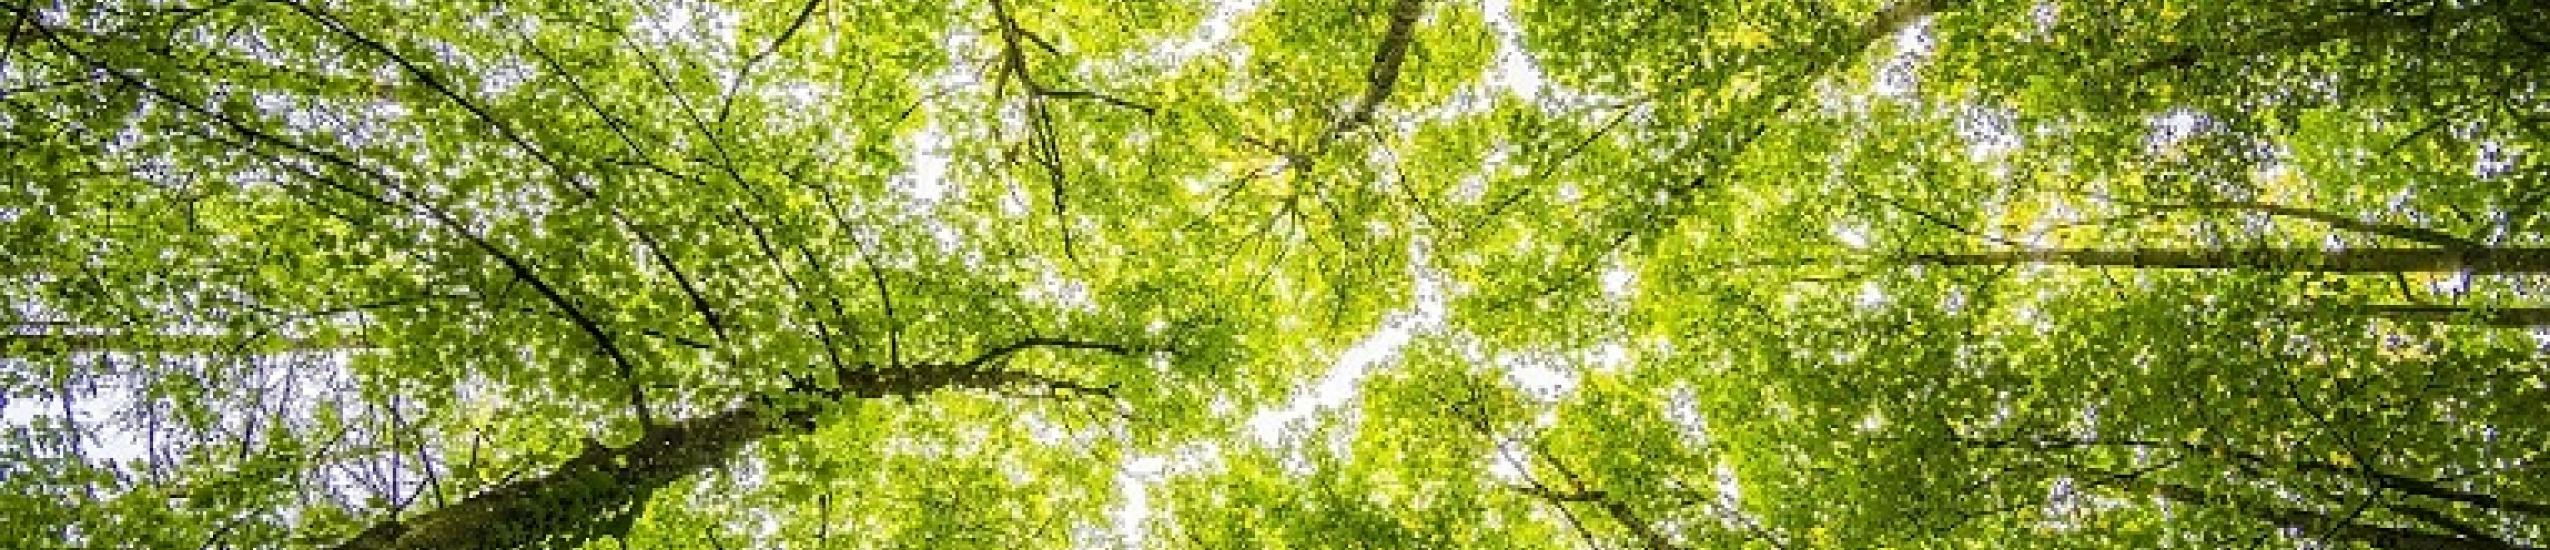 PSR 2014/2020. Misura 8.6. Finanziamento a fondo perduto fino al 40% per le tecnologie forestali e la trasformazione, movimentazione e commercializzazione dei prodotti delle foreste.